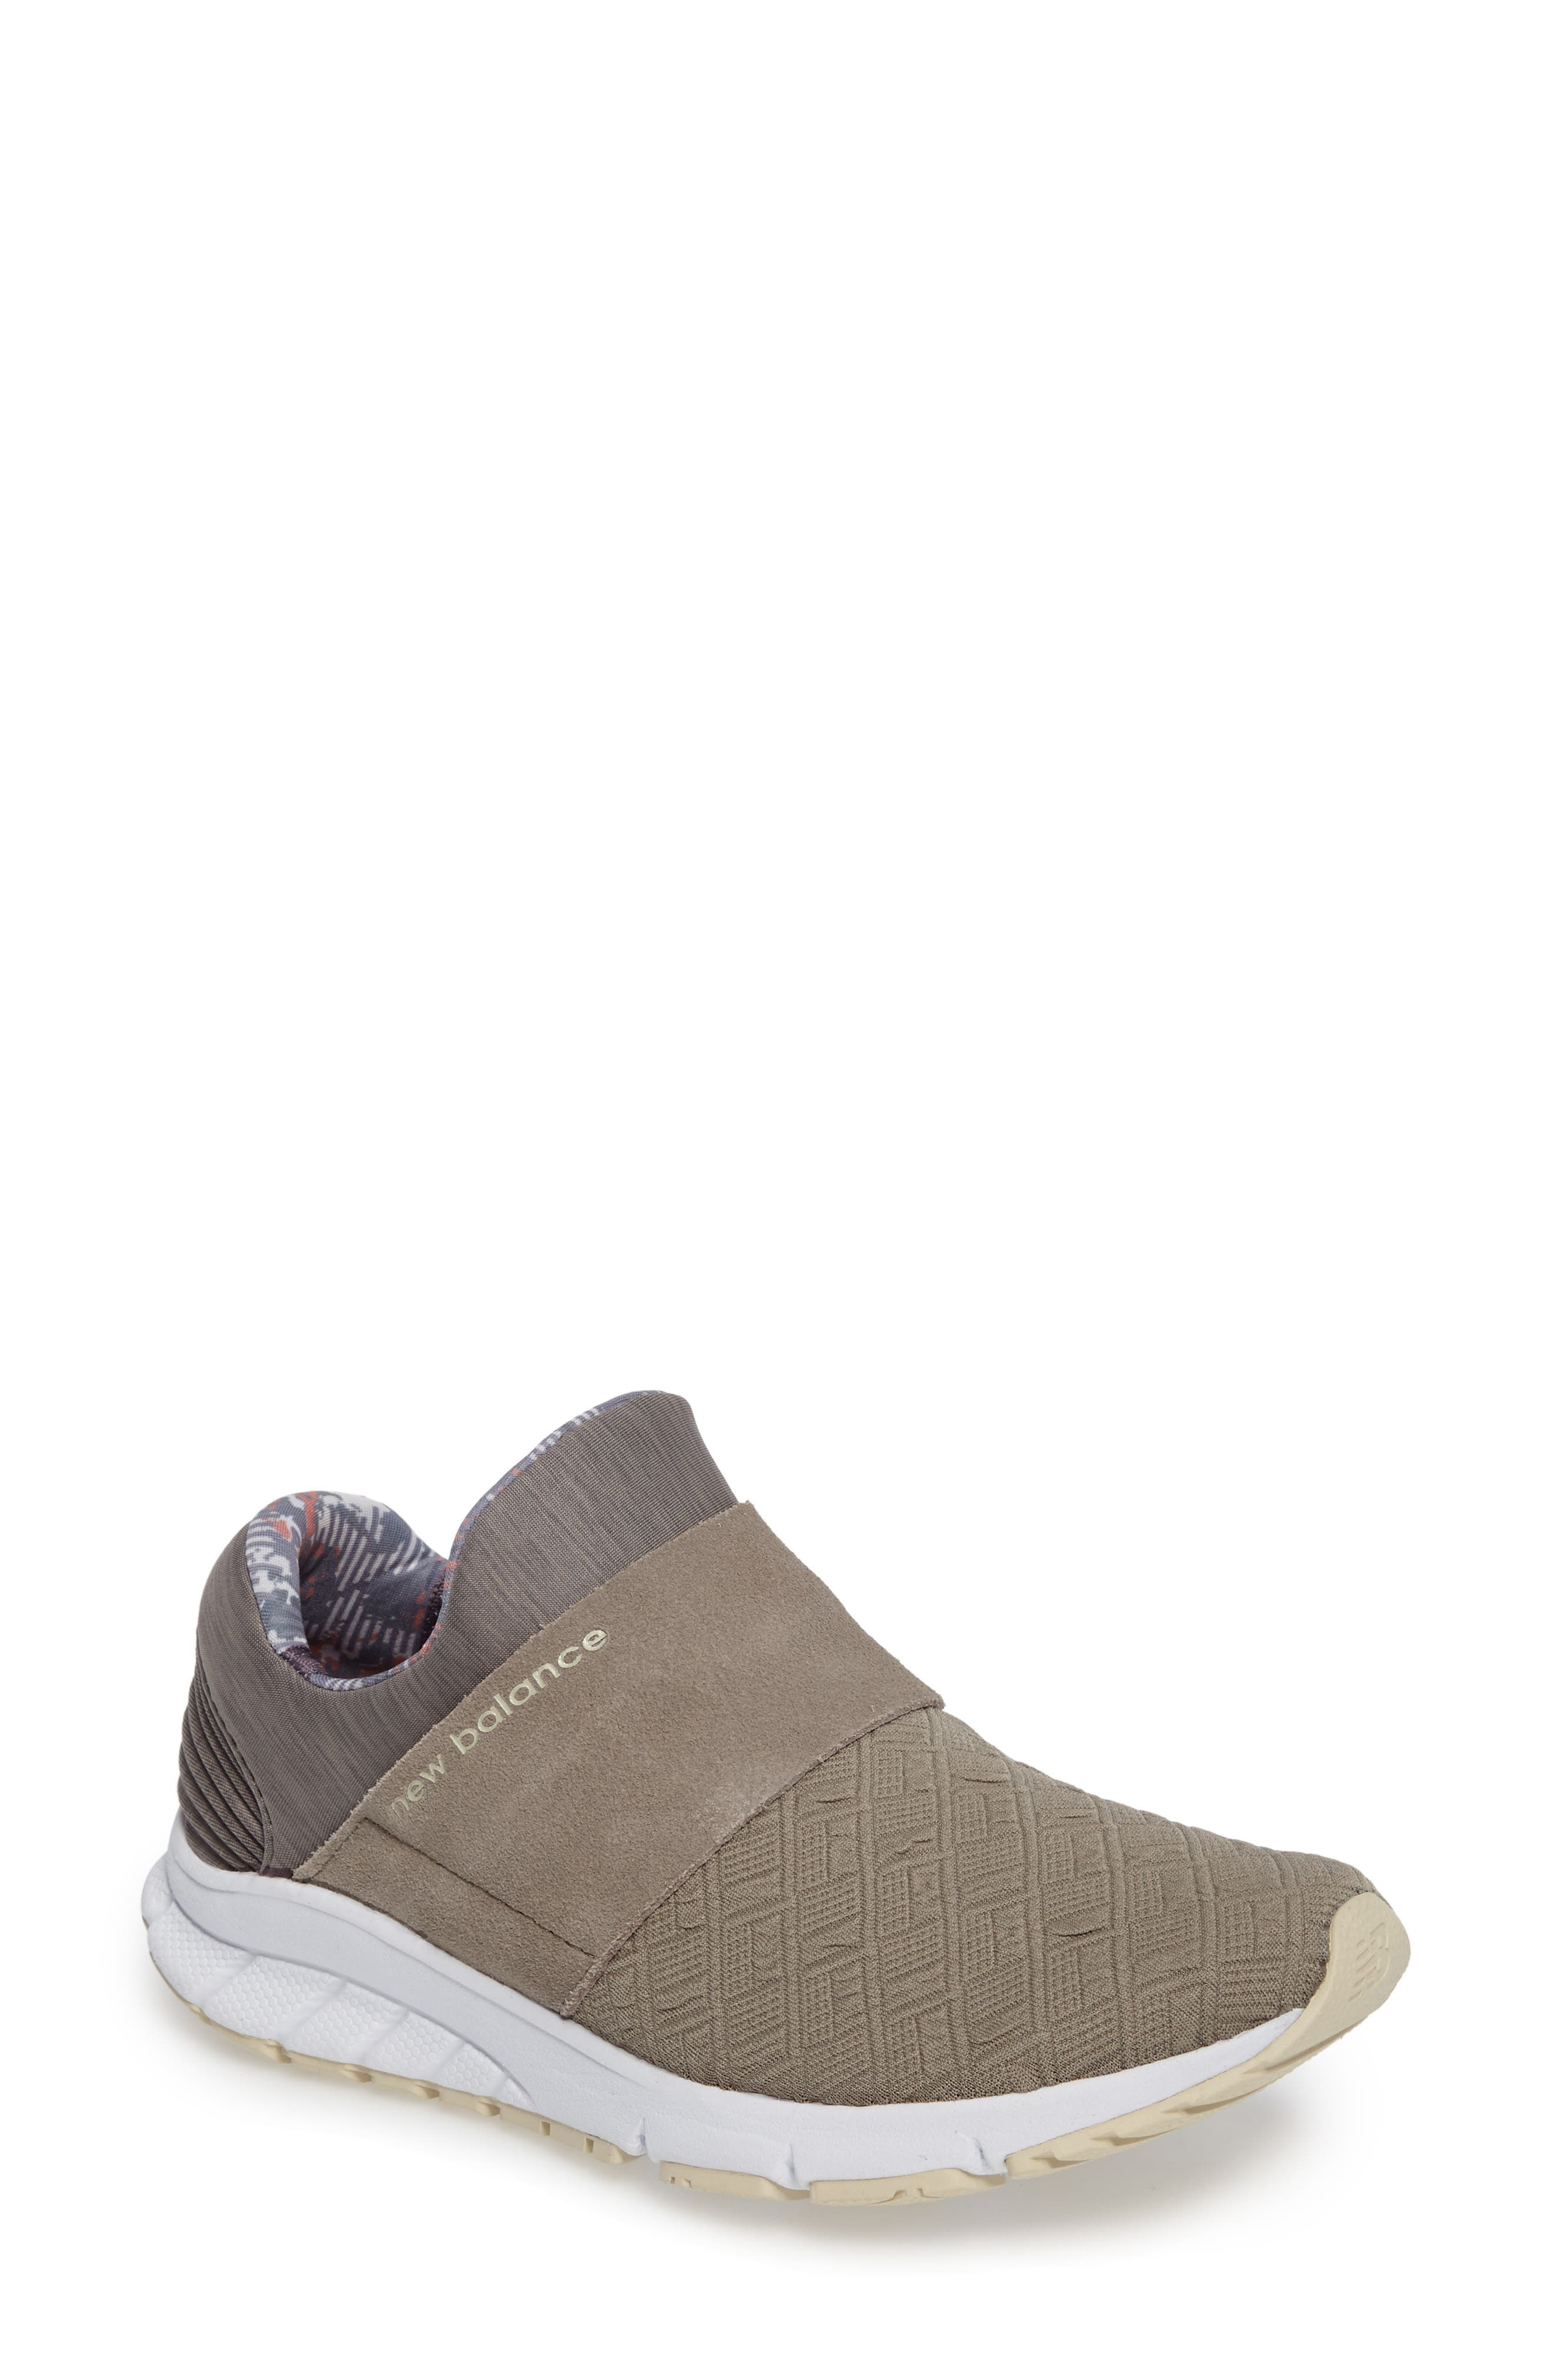 New Balance Rush Running Shoe (Women)